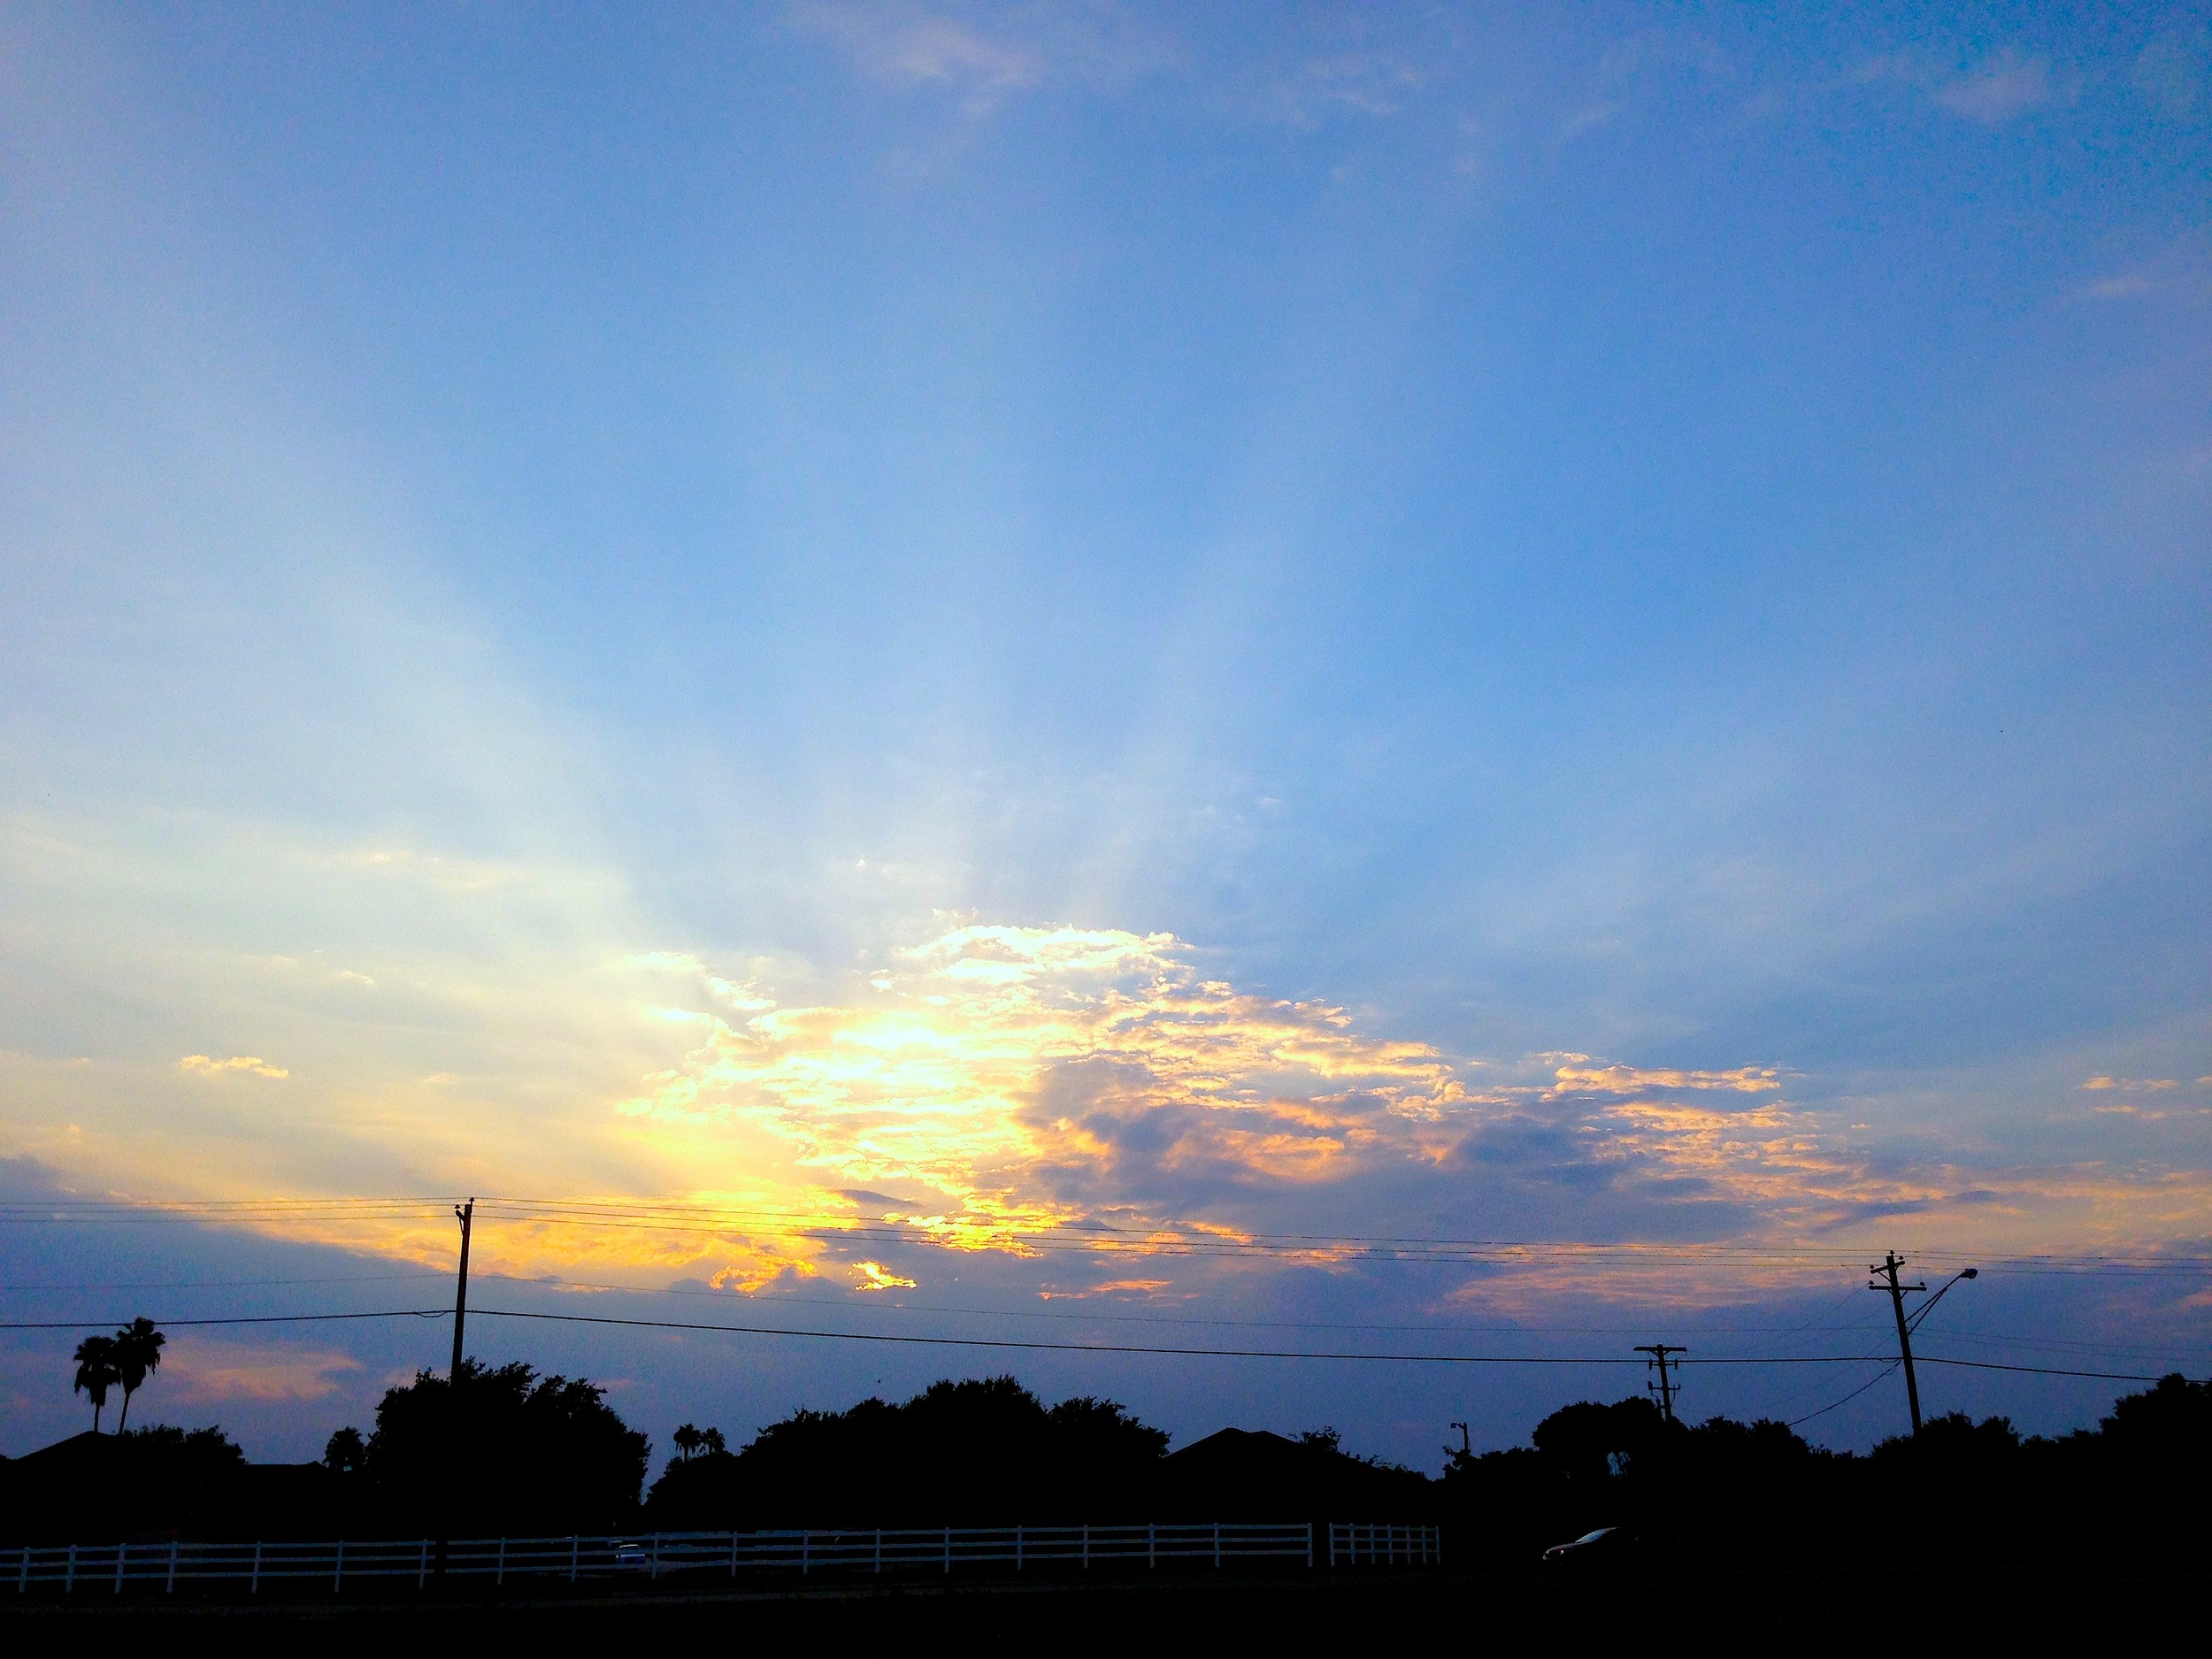 EH_InfiniteLove_Sunset.JPG